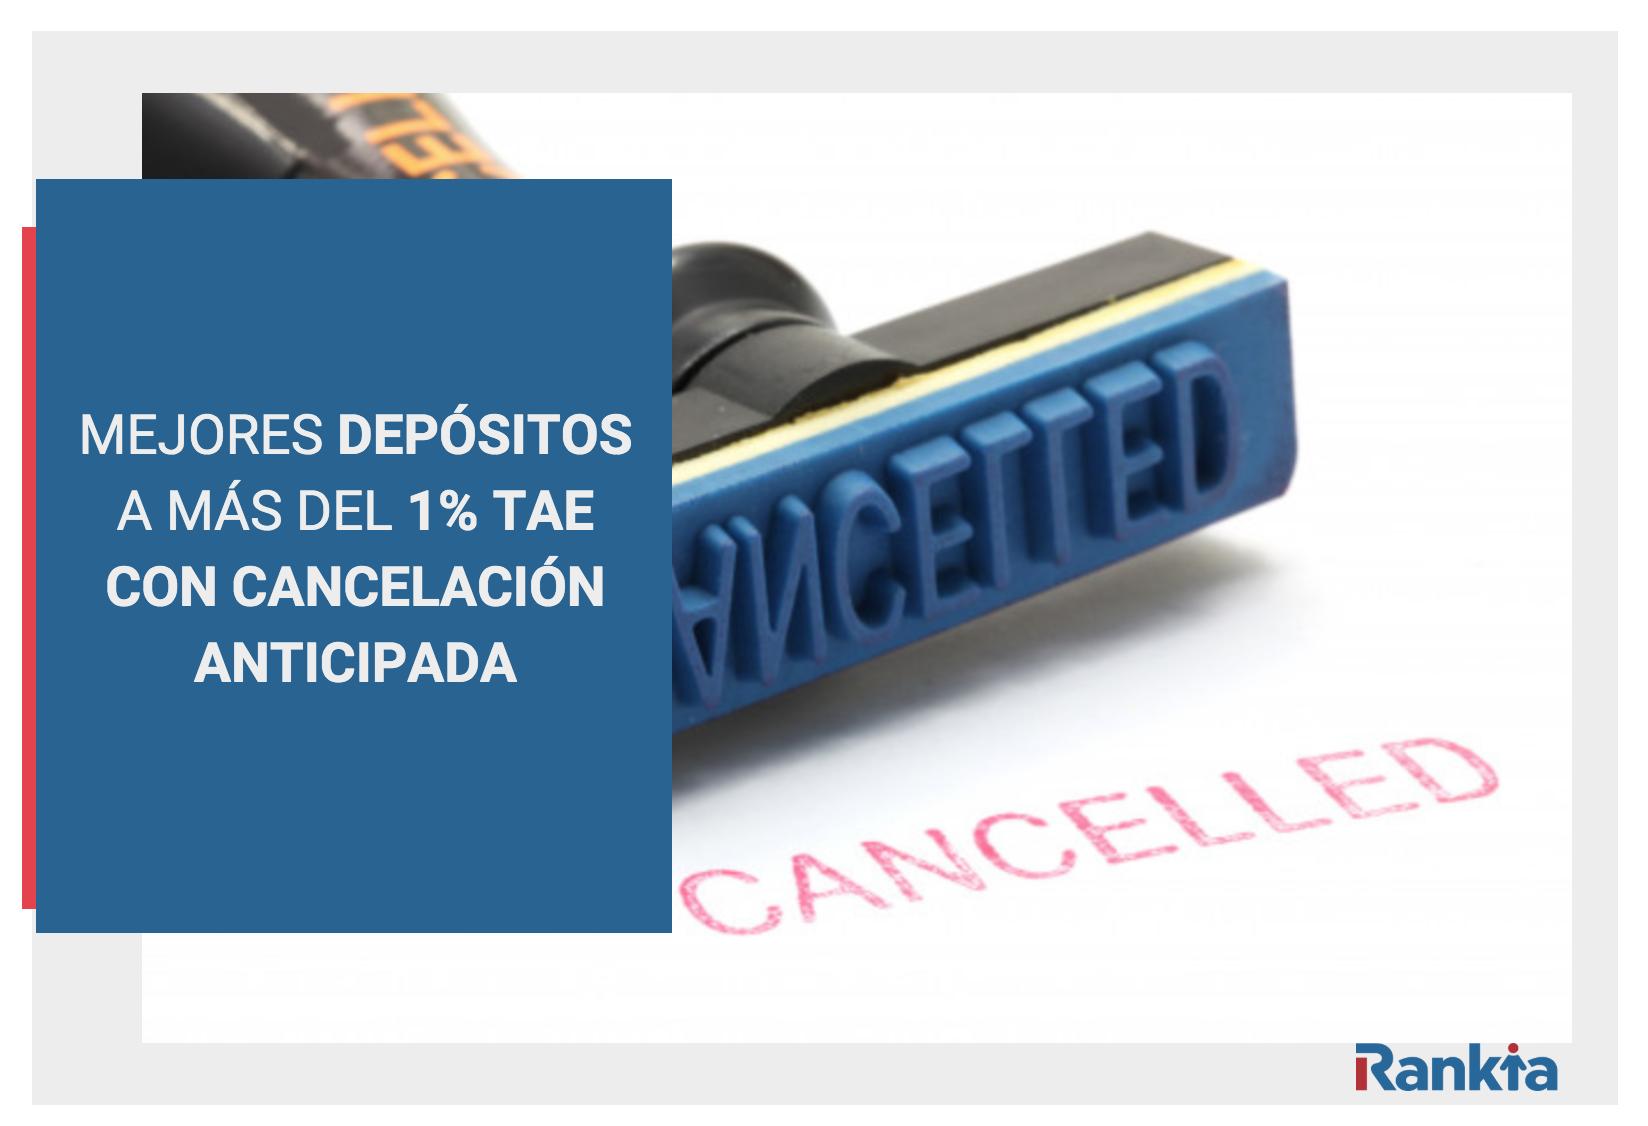 Mejores depósitos a más del 1% TAE y con cancelación anticipada